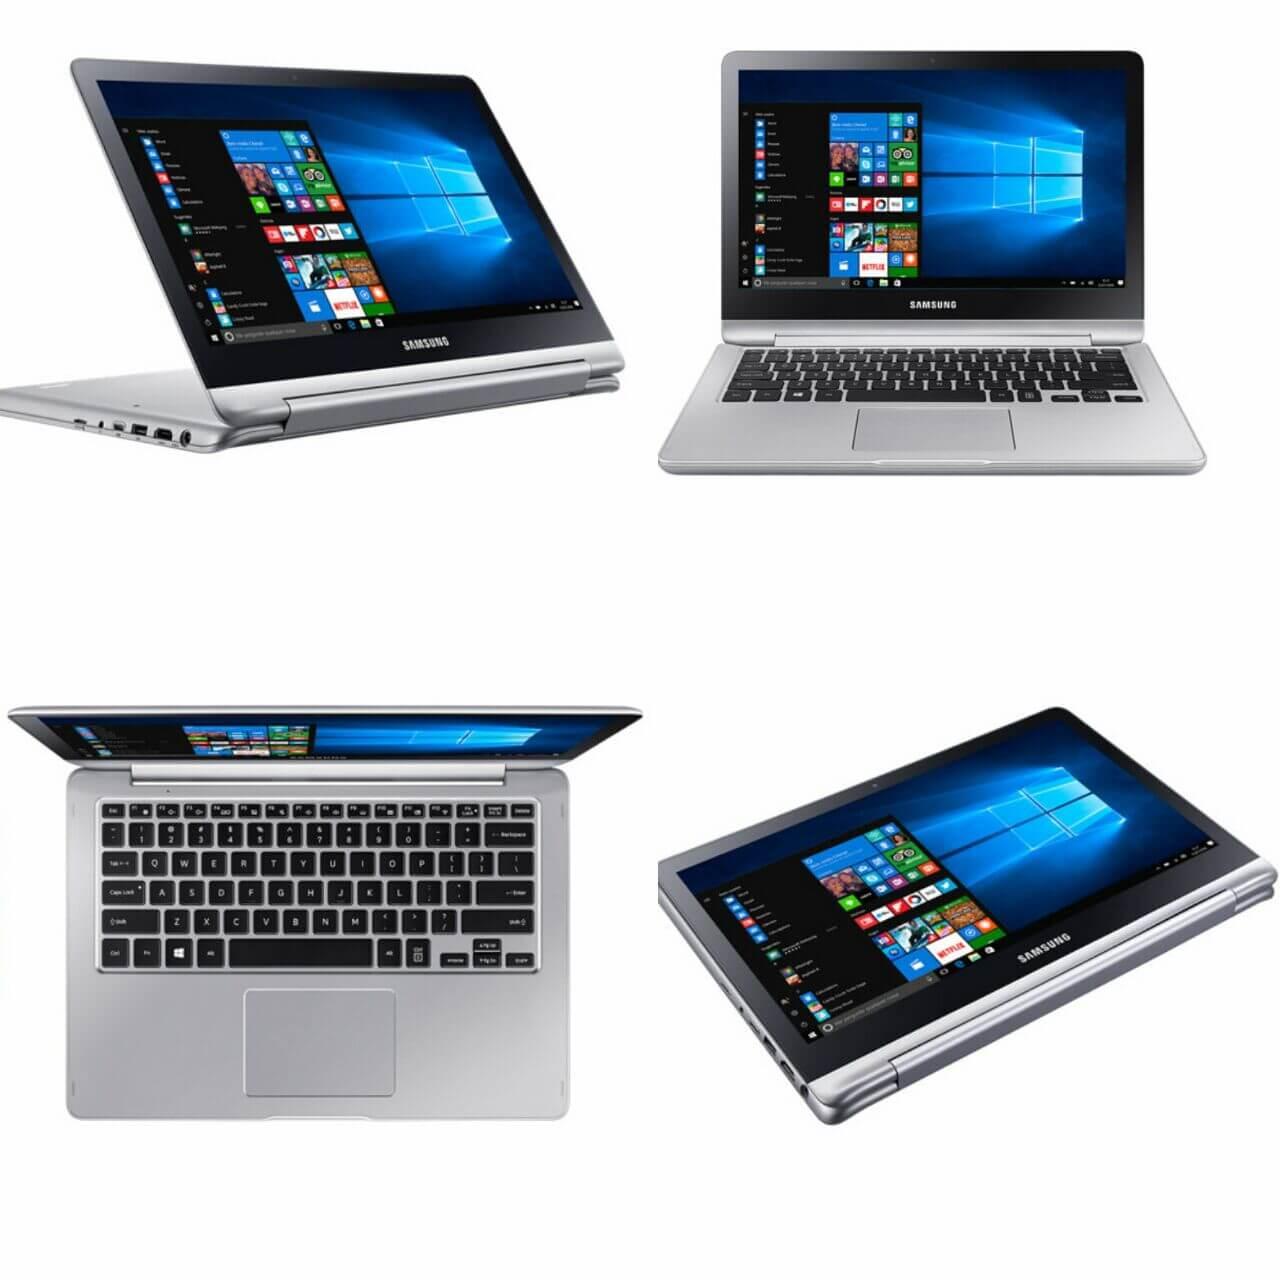 Novo notebook Samsung Style 2 em 1 tem touchscreen de 360 graus